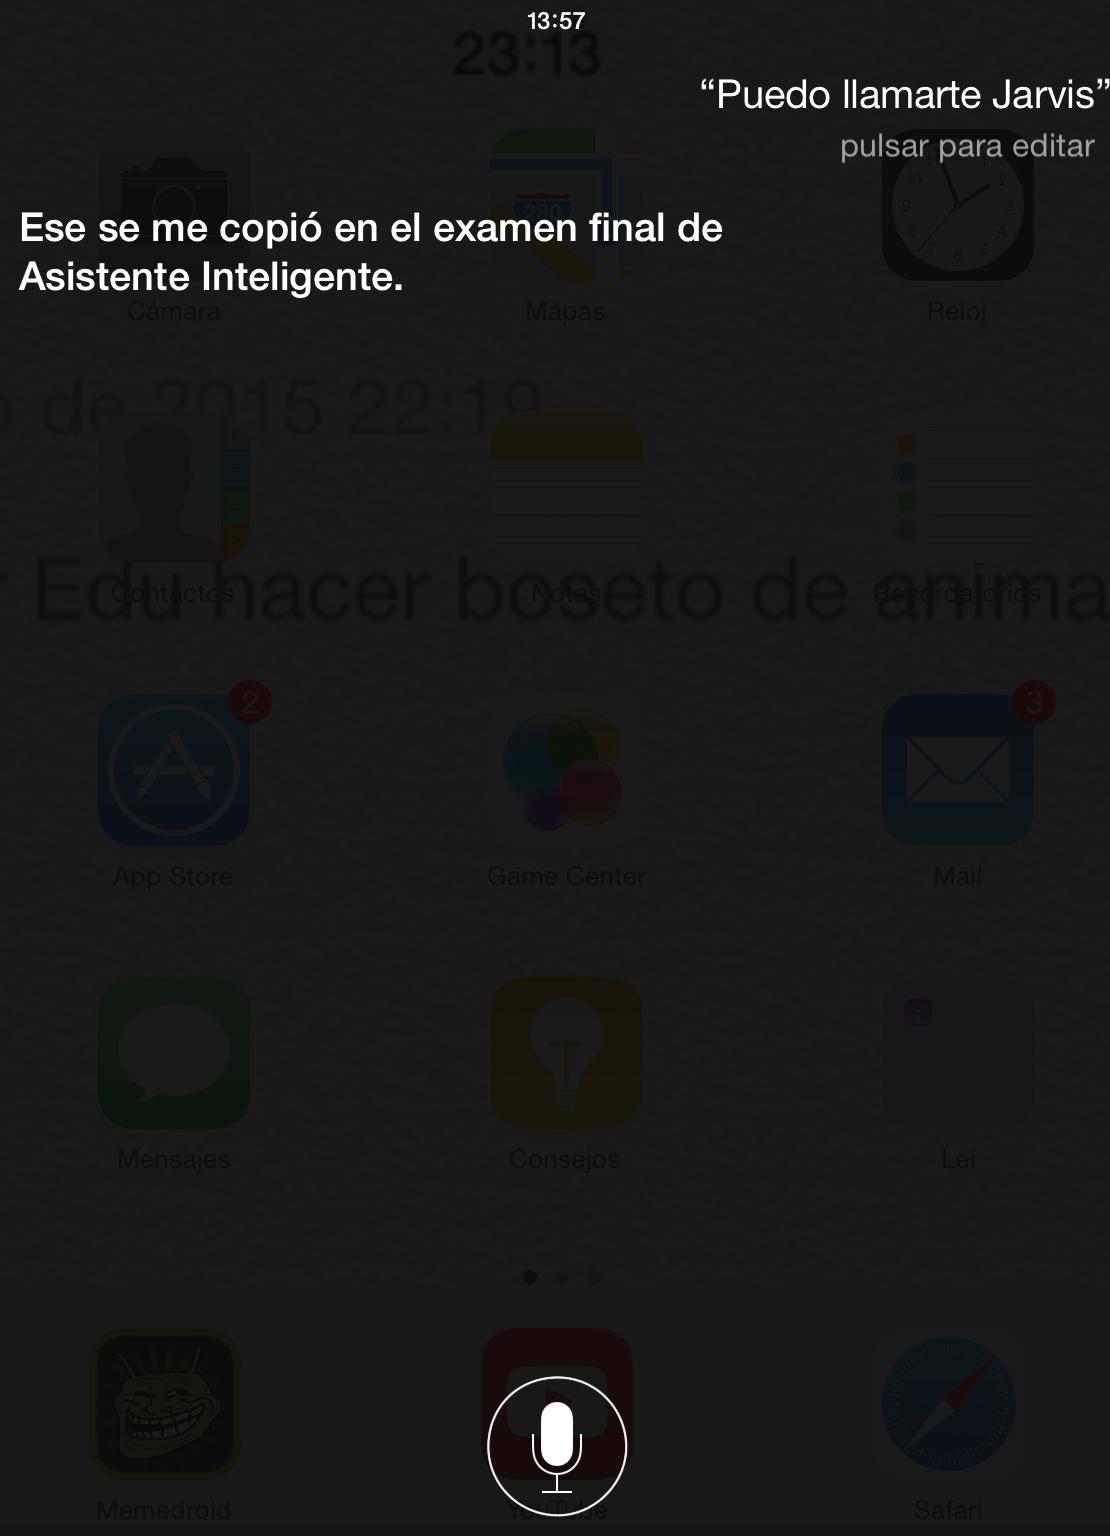 Esa Siri es una lokilla - meme